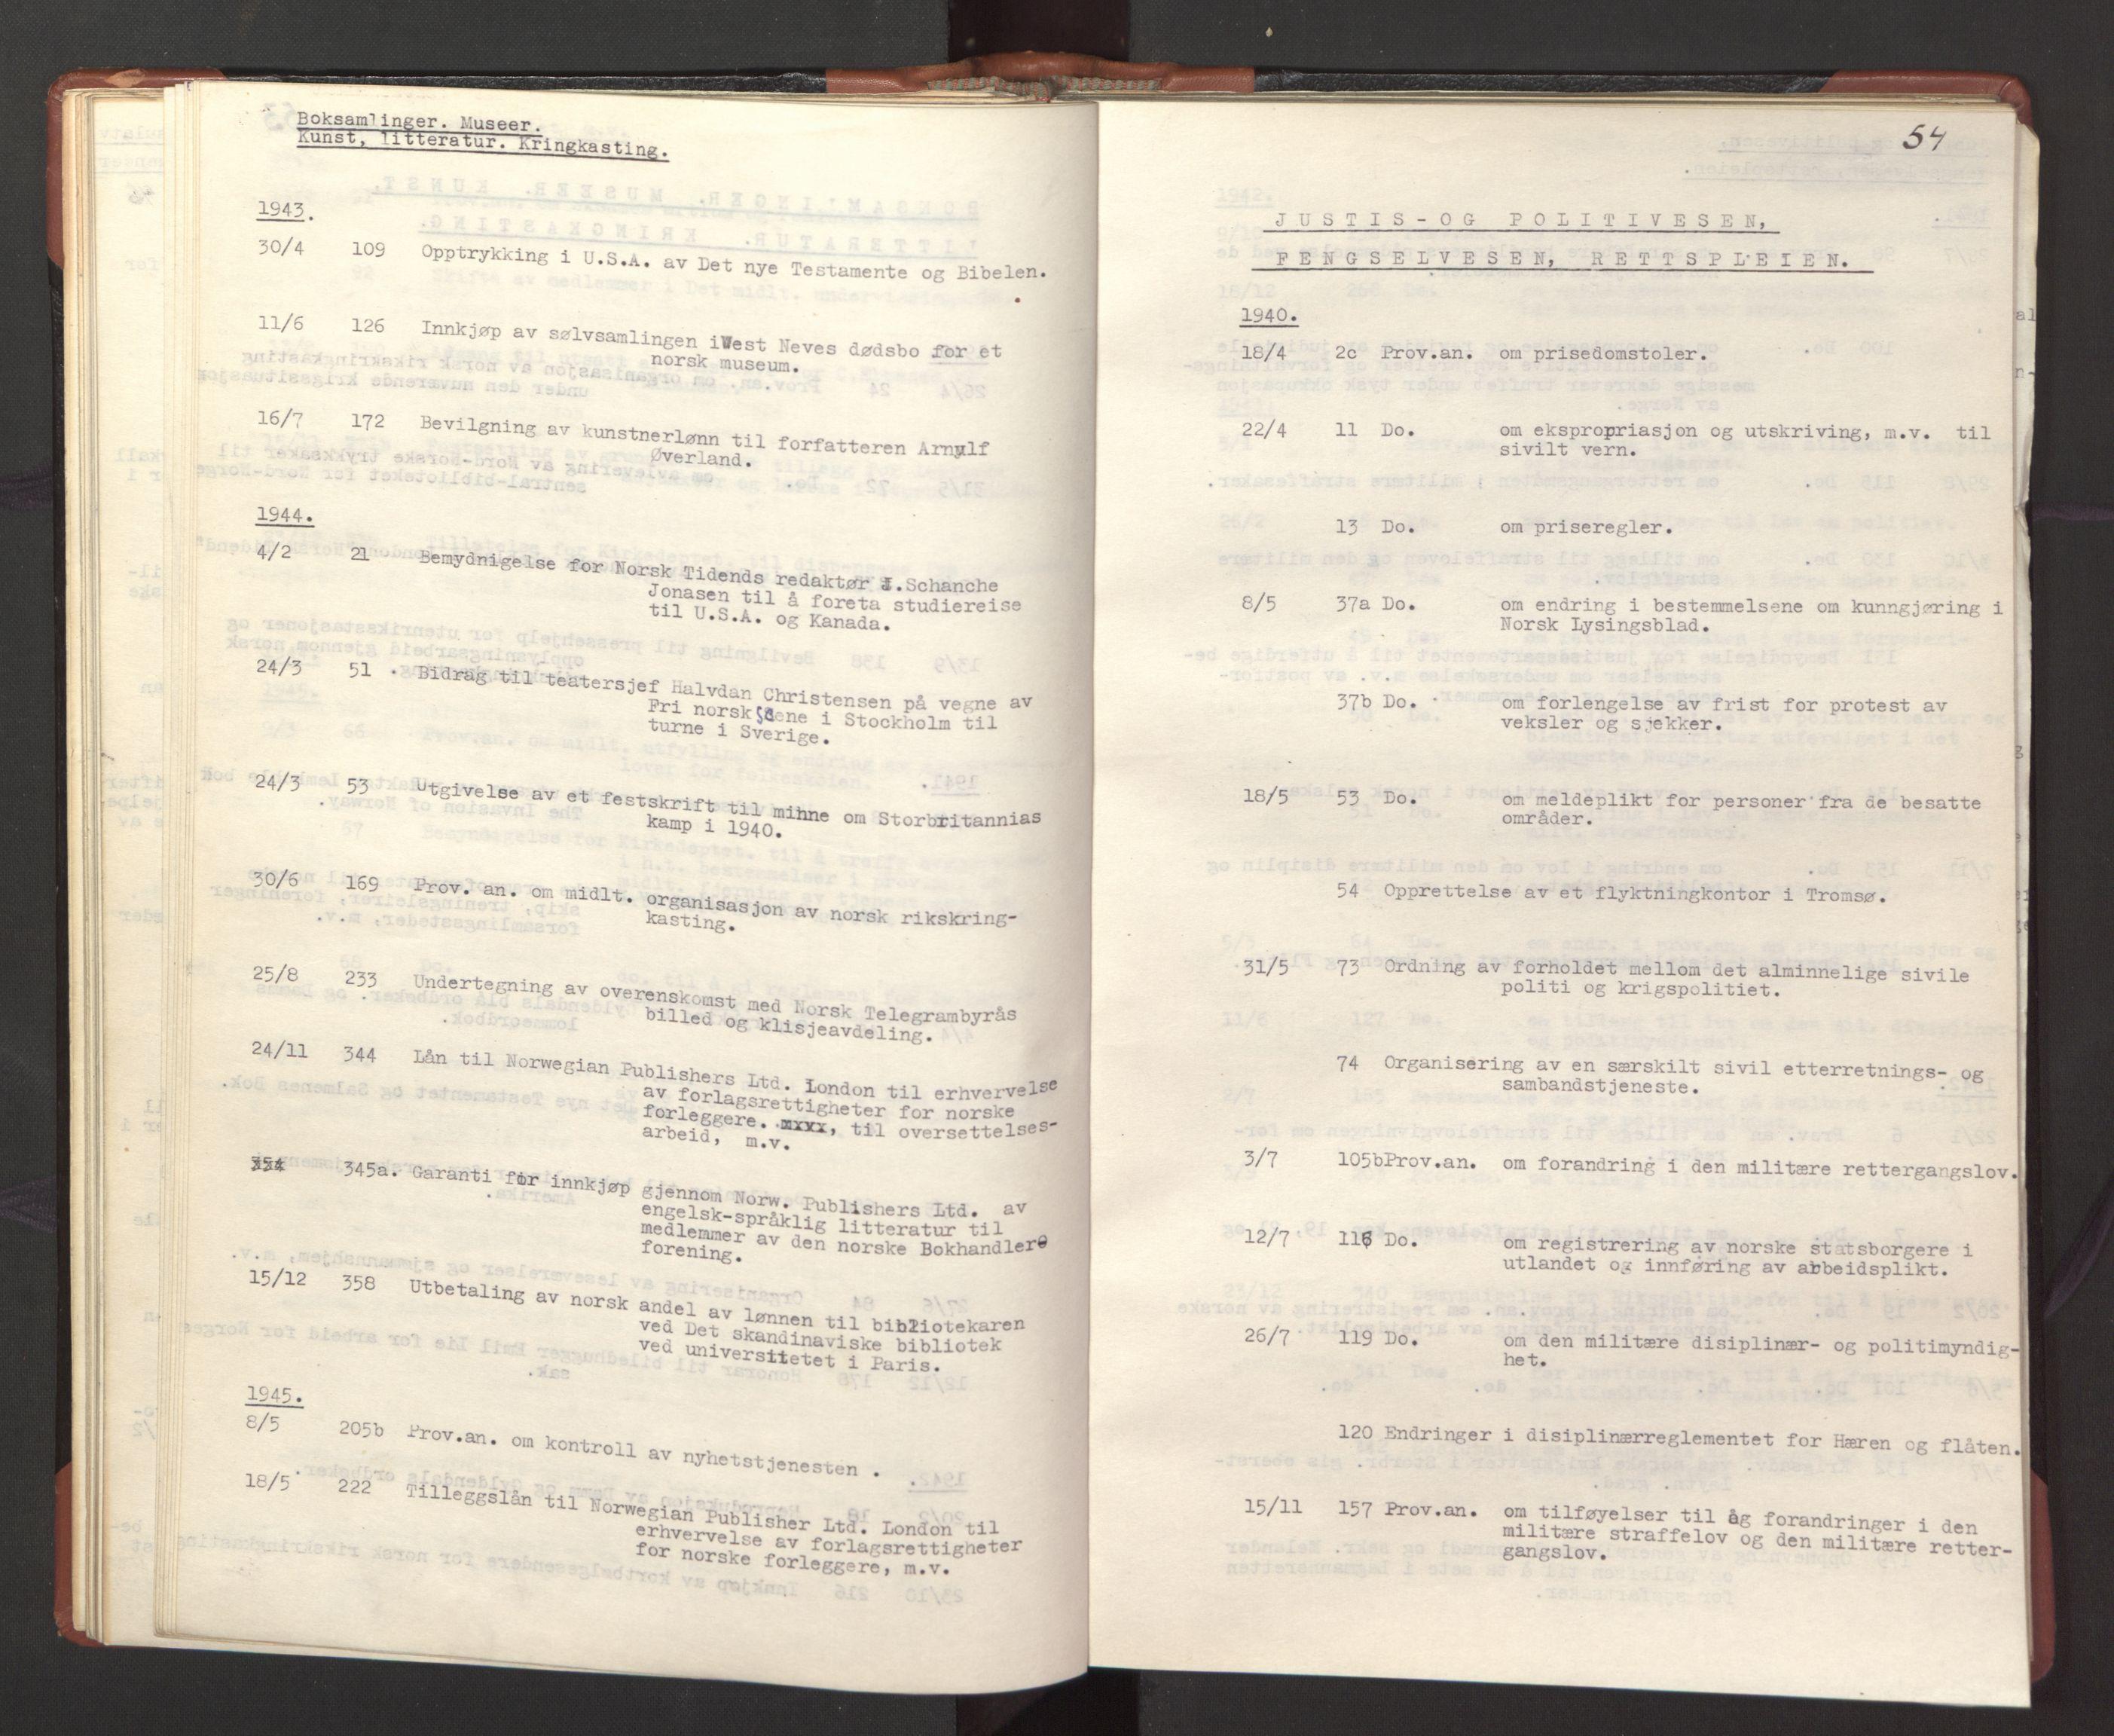 RA, Statsrådssekretariatet, A/Ac/L0127: Register 9/4-25/5, 1940-1945, s. 54